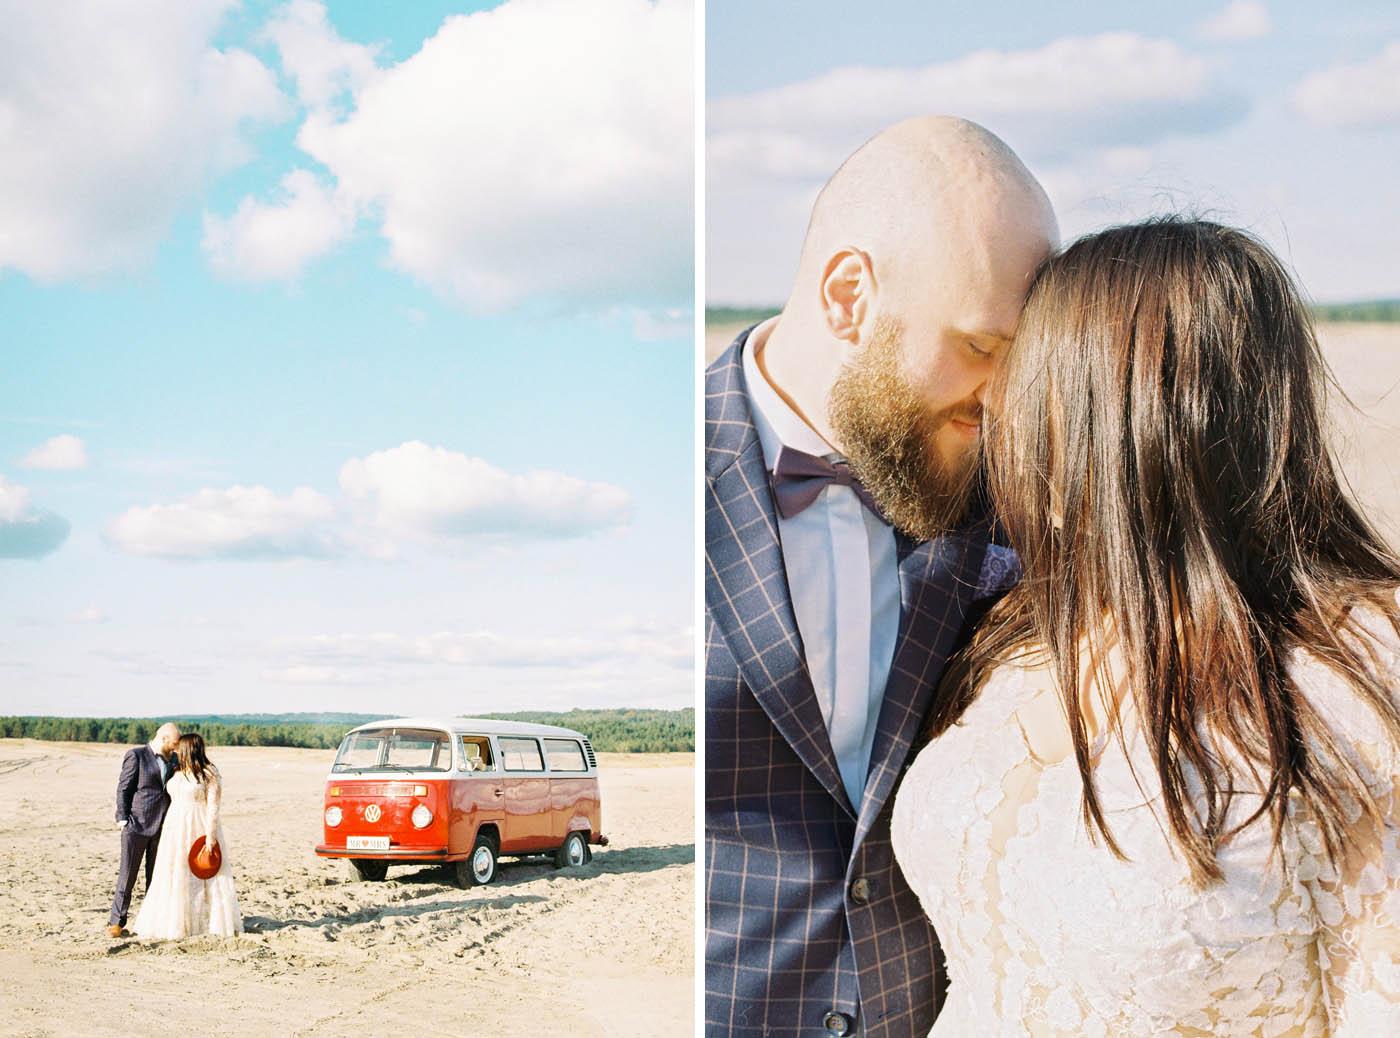 volkswagen ogórek na sesję poślubną